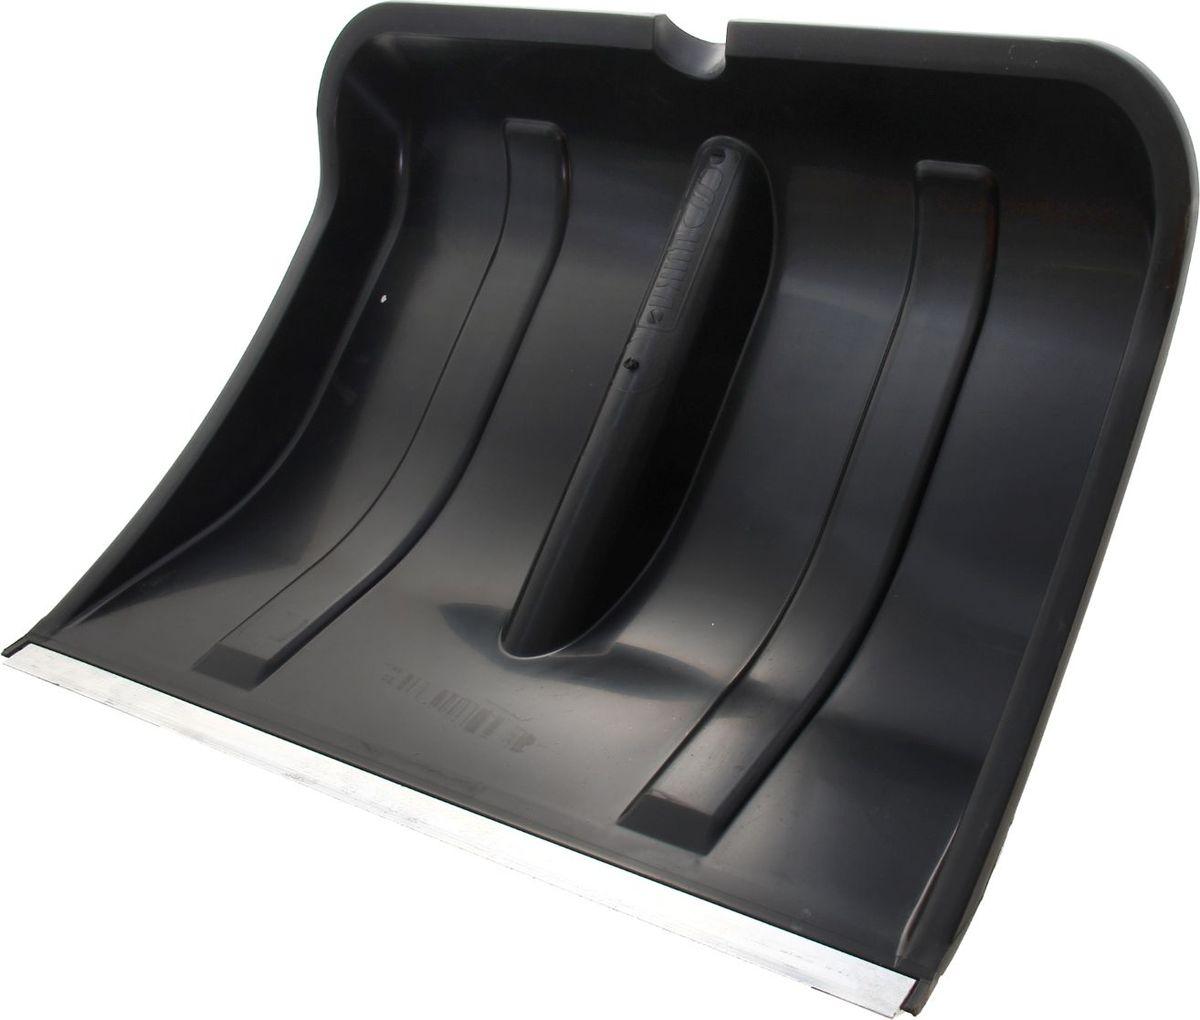 Лопата для снега Богатырь, с тулейкой и планкой, 40 х 12 х 50 смGACP25-083Эргономичная пластиковая лопата Богатырь имеет размеры: 39 х 50 х 10,5 см, тулейка d-3,2 см, с алюминиевой планкой. Модель изготовлена без черенка и отличается высокой прочностью. Удобная конструкция со стандартной тулейкой позволит вам легко очистить заснеженную территорию любой площади.